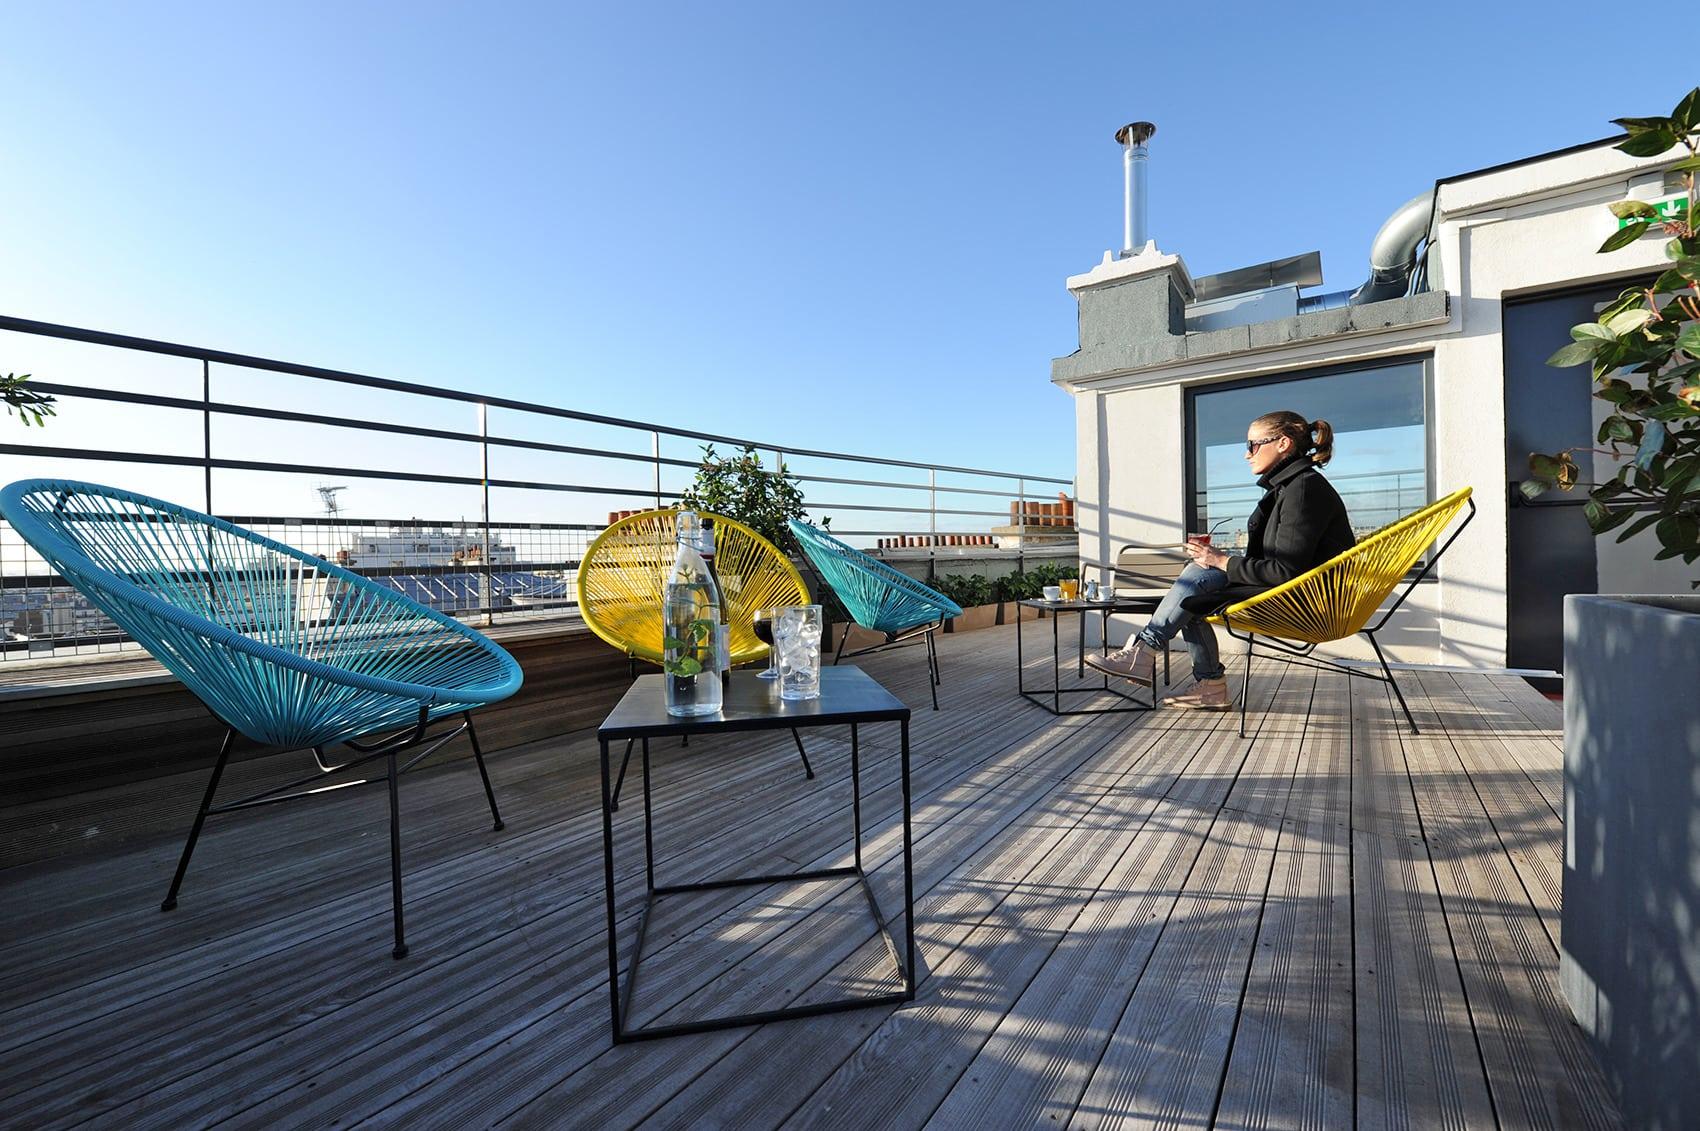 Hostelbesucher beim Entspannen auf der dachterasse im Les Piaules in Paris